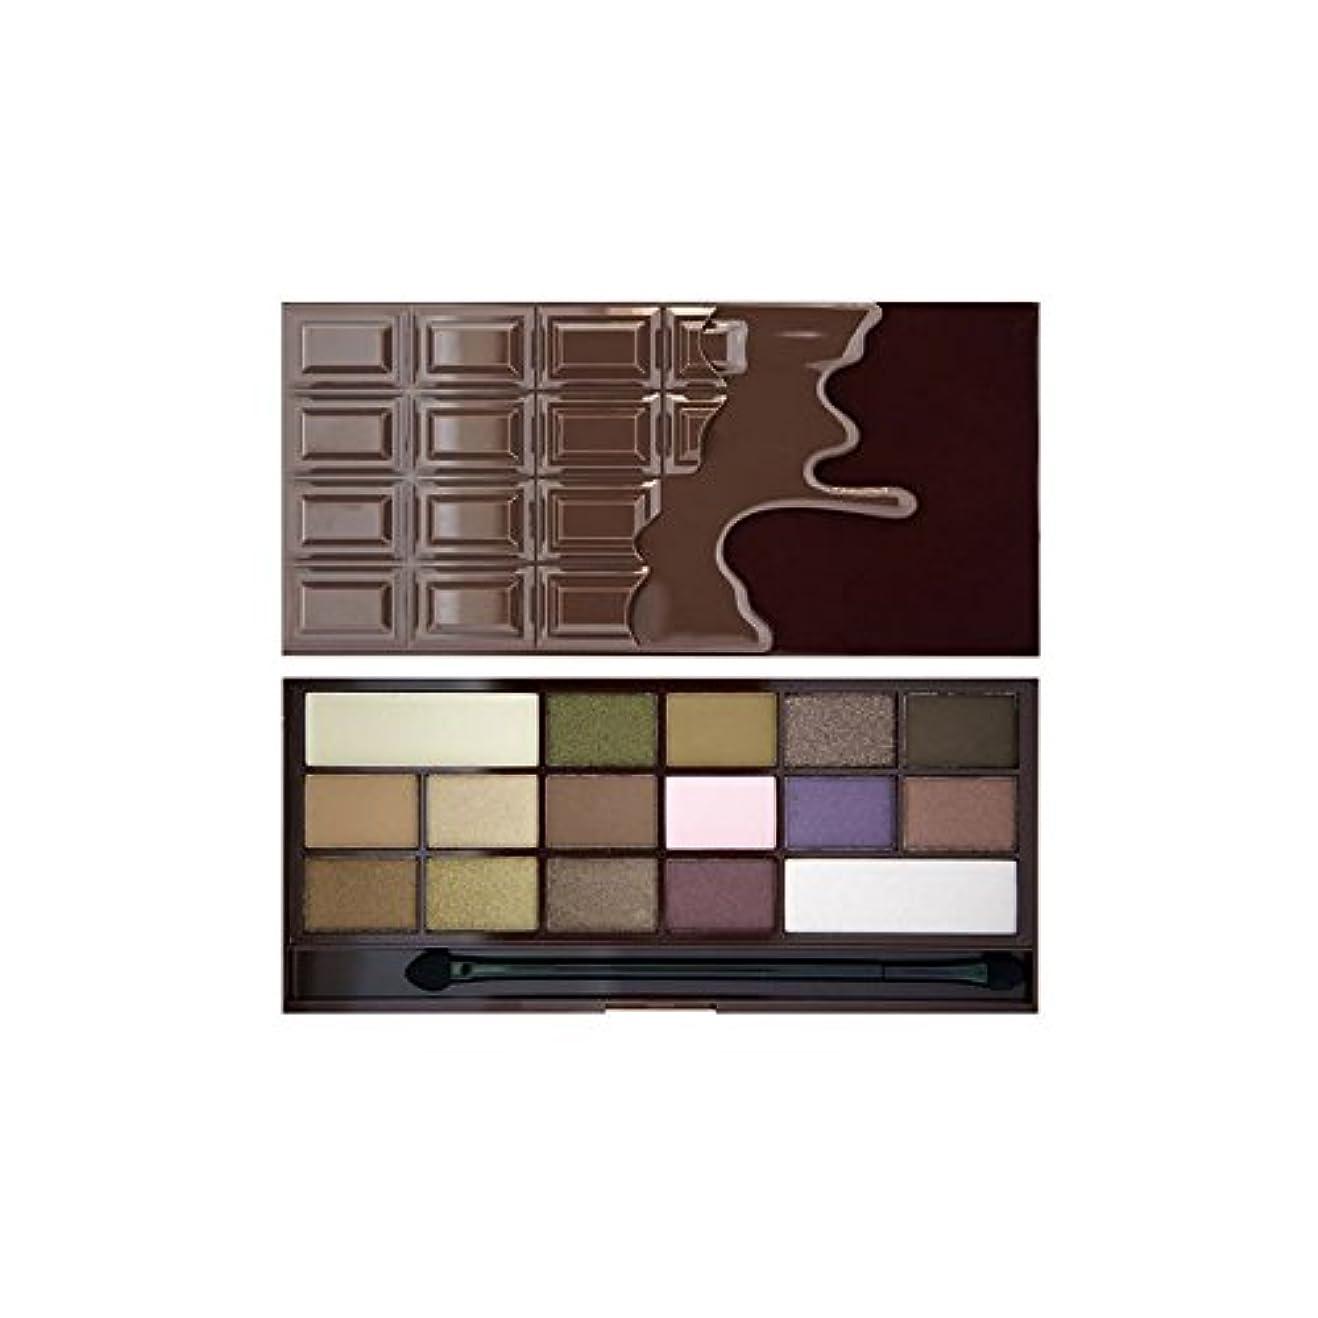 取り消す畝間生き残りI Heart Eye Shadow Palette I Heart Chocolate - 私は心のアイシャドウパレットハートチョコレート [並行輸入品]